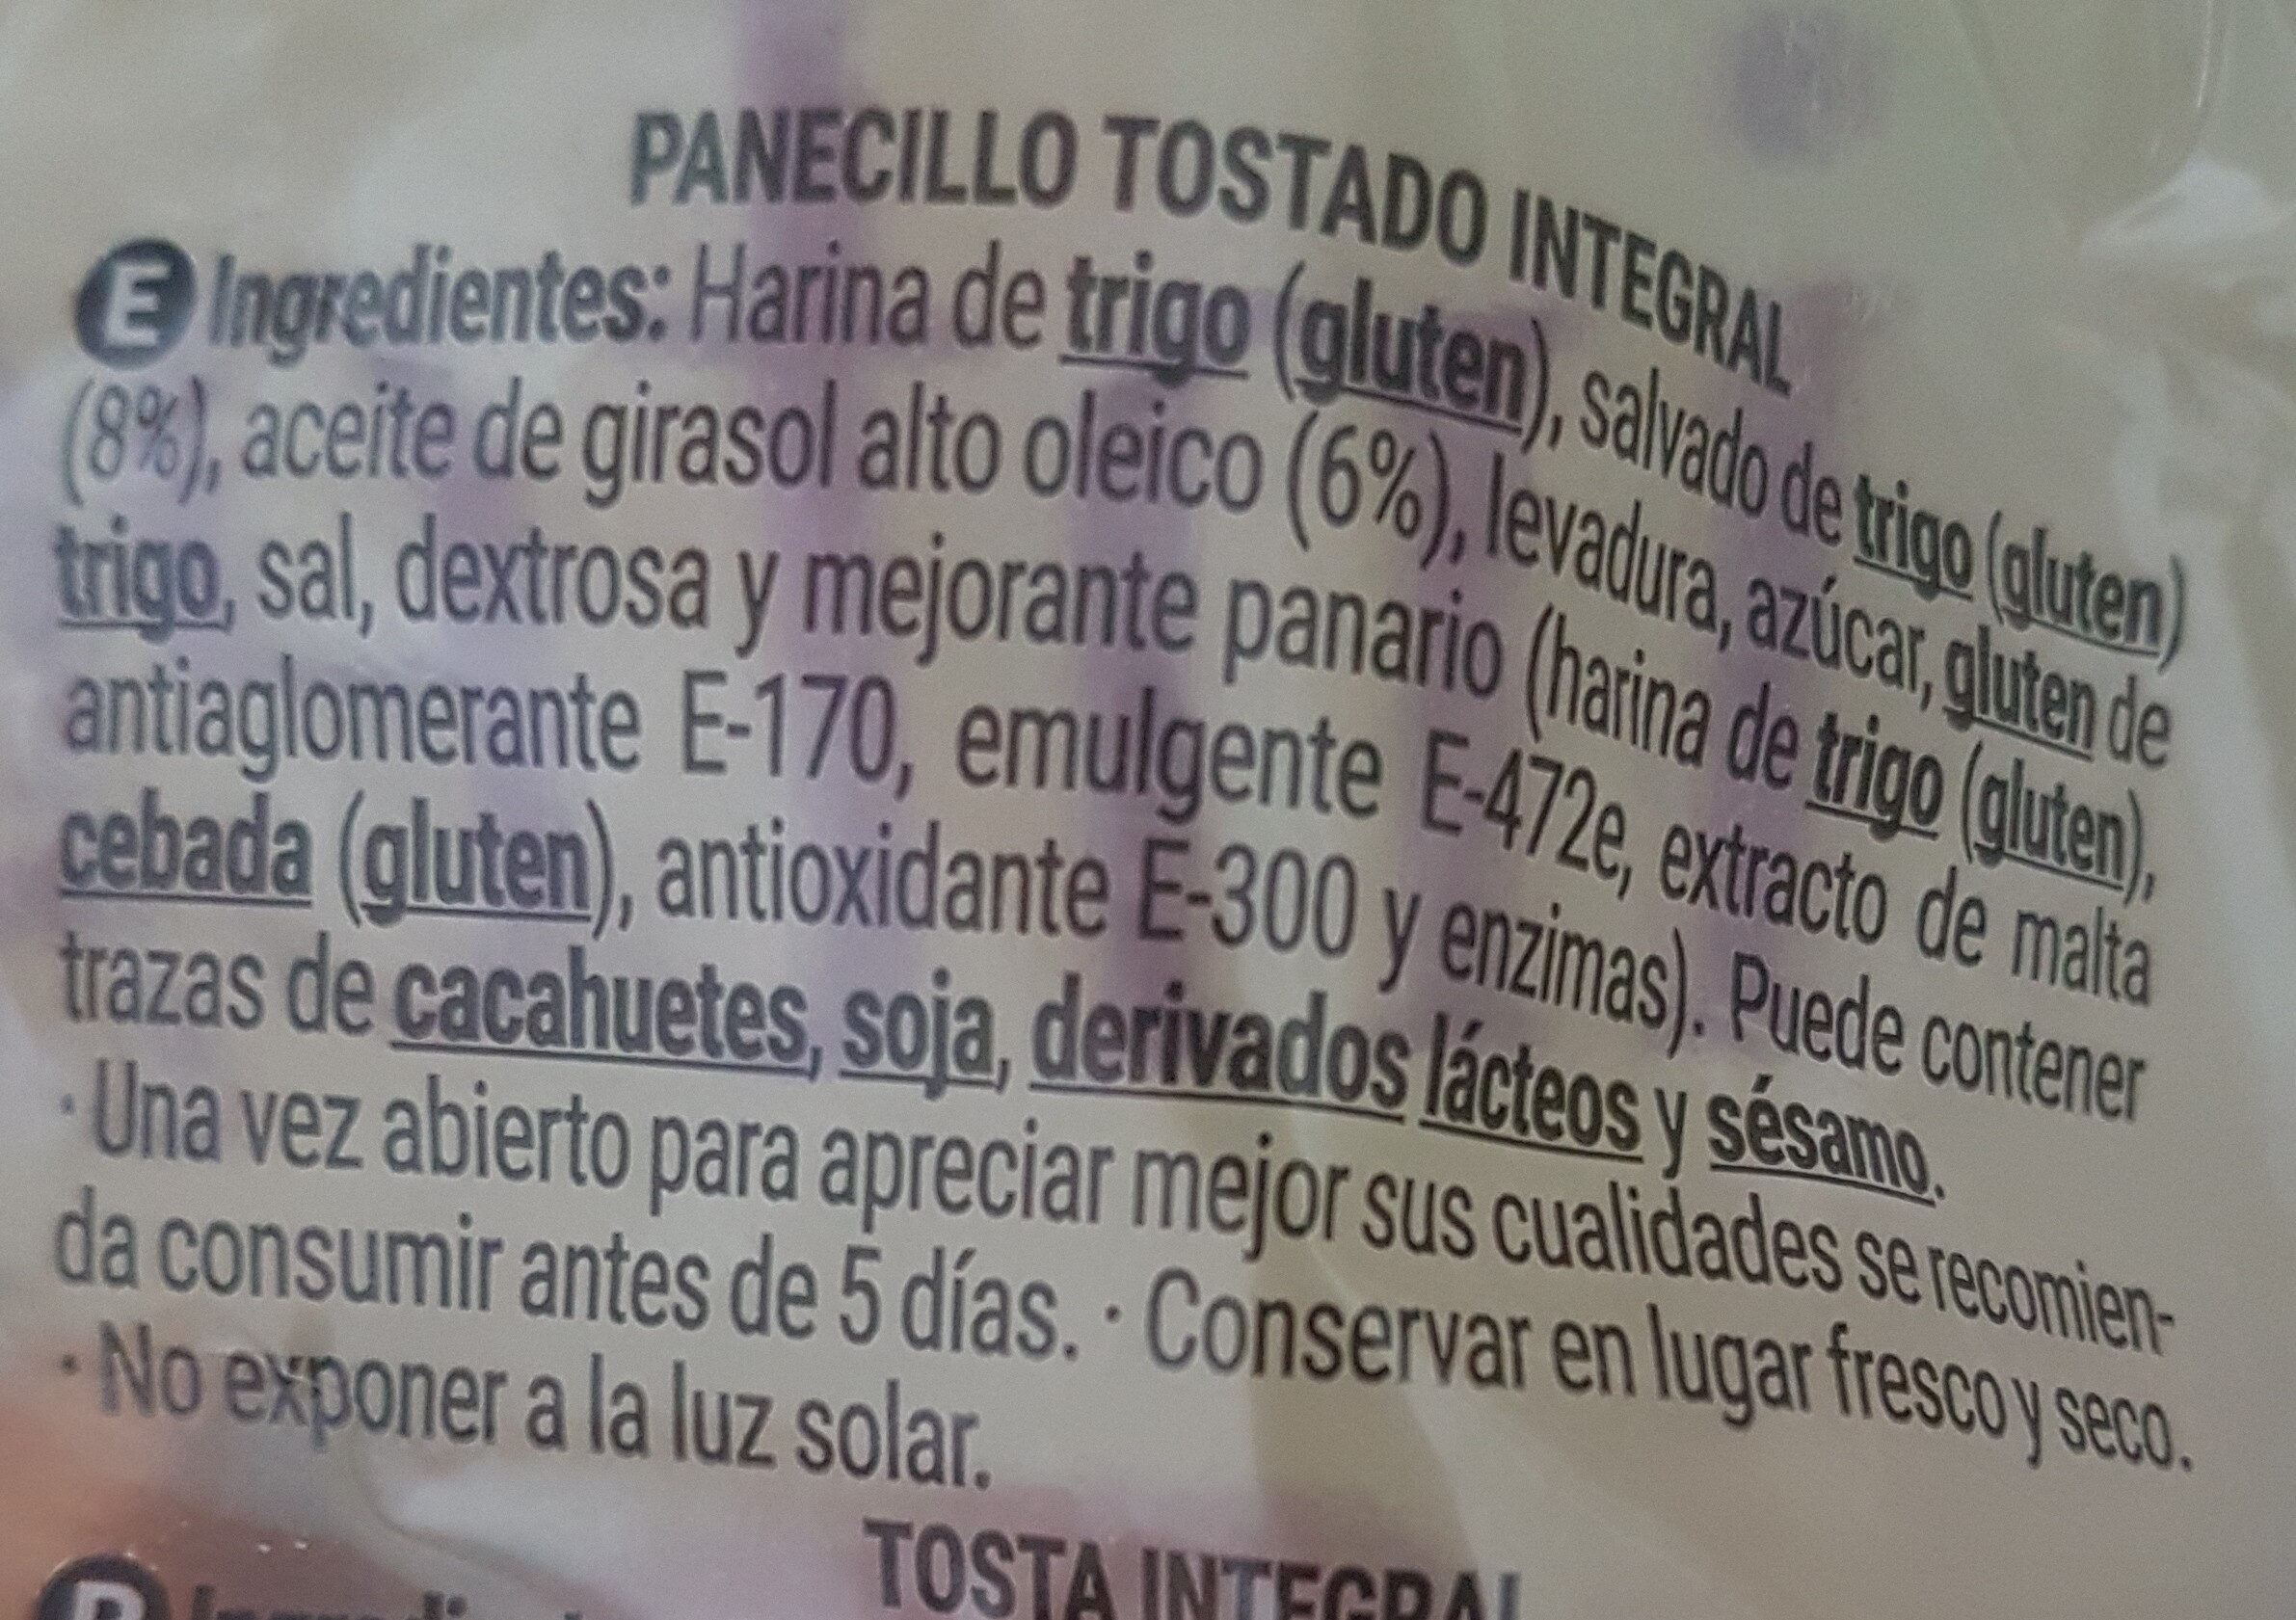 Panecillos tostados integrales - Ingredients - es